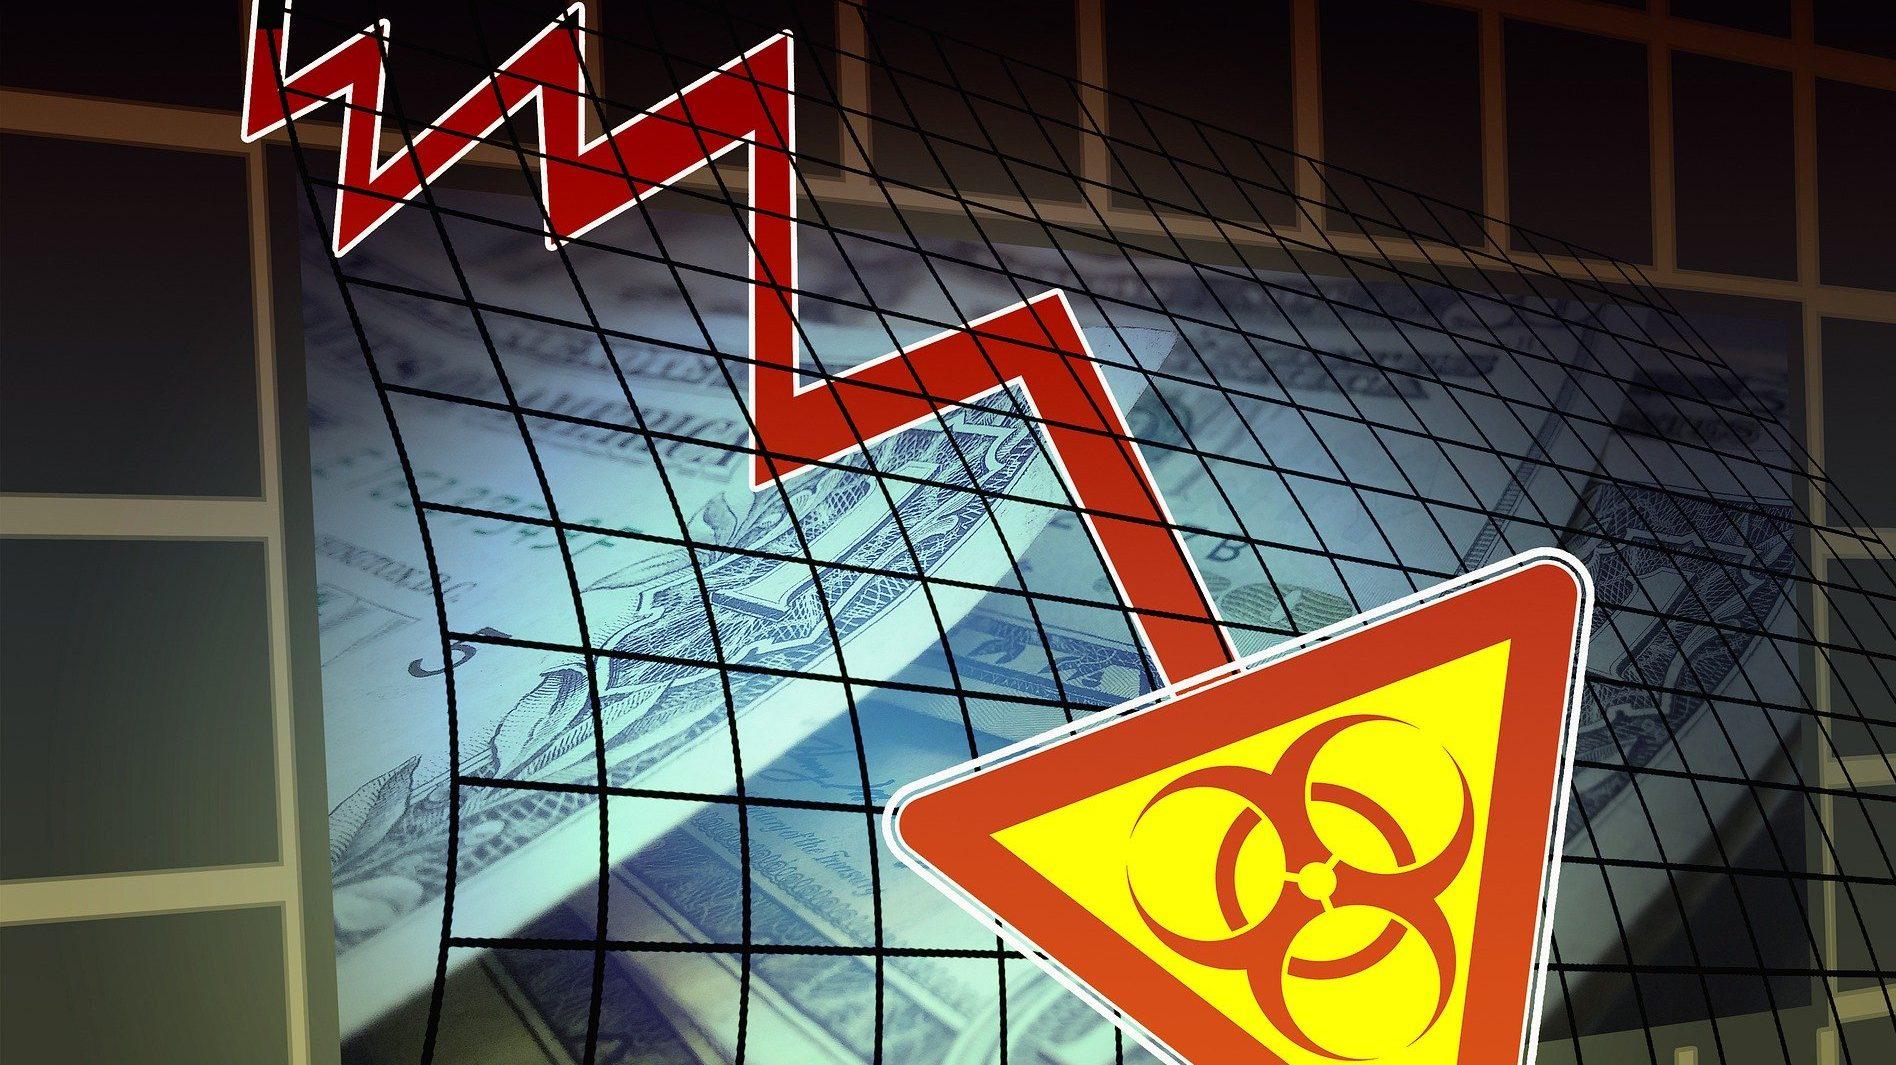 מכת הנגיף: קרנות הפנסיה צללו עד כ-10% בחודש מרץ